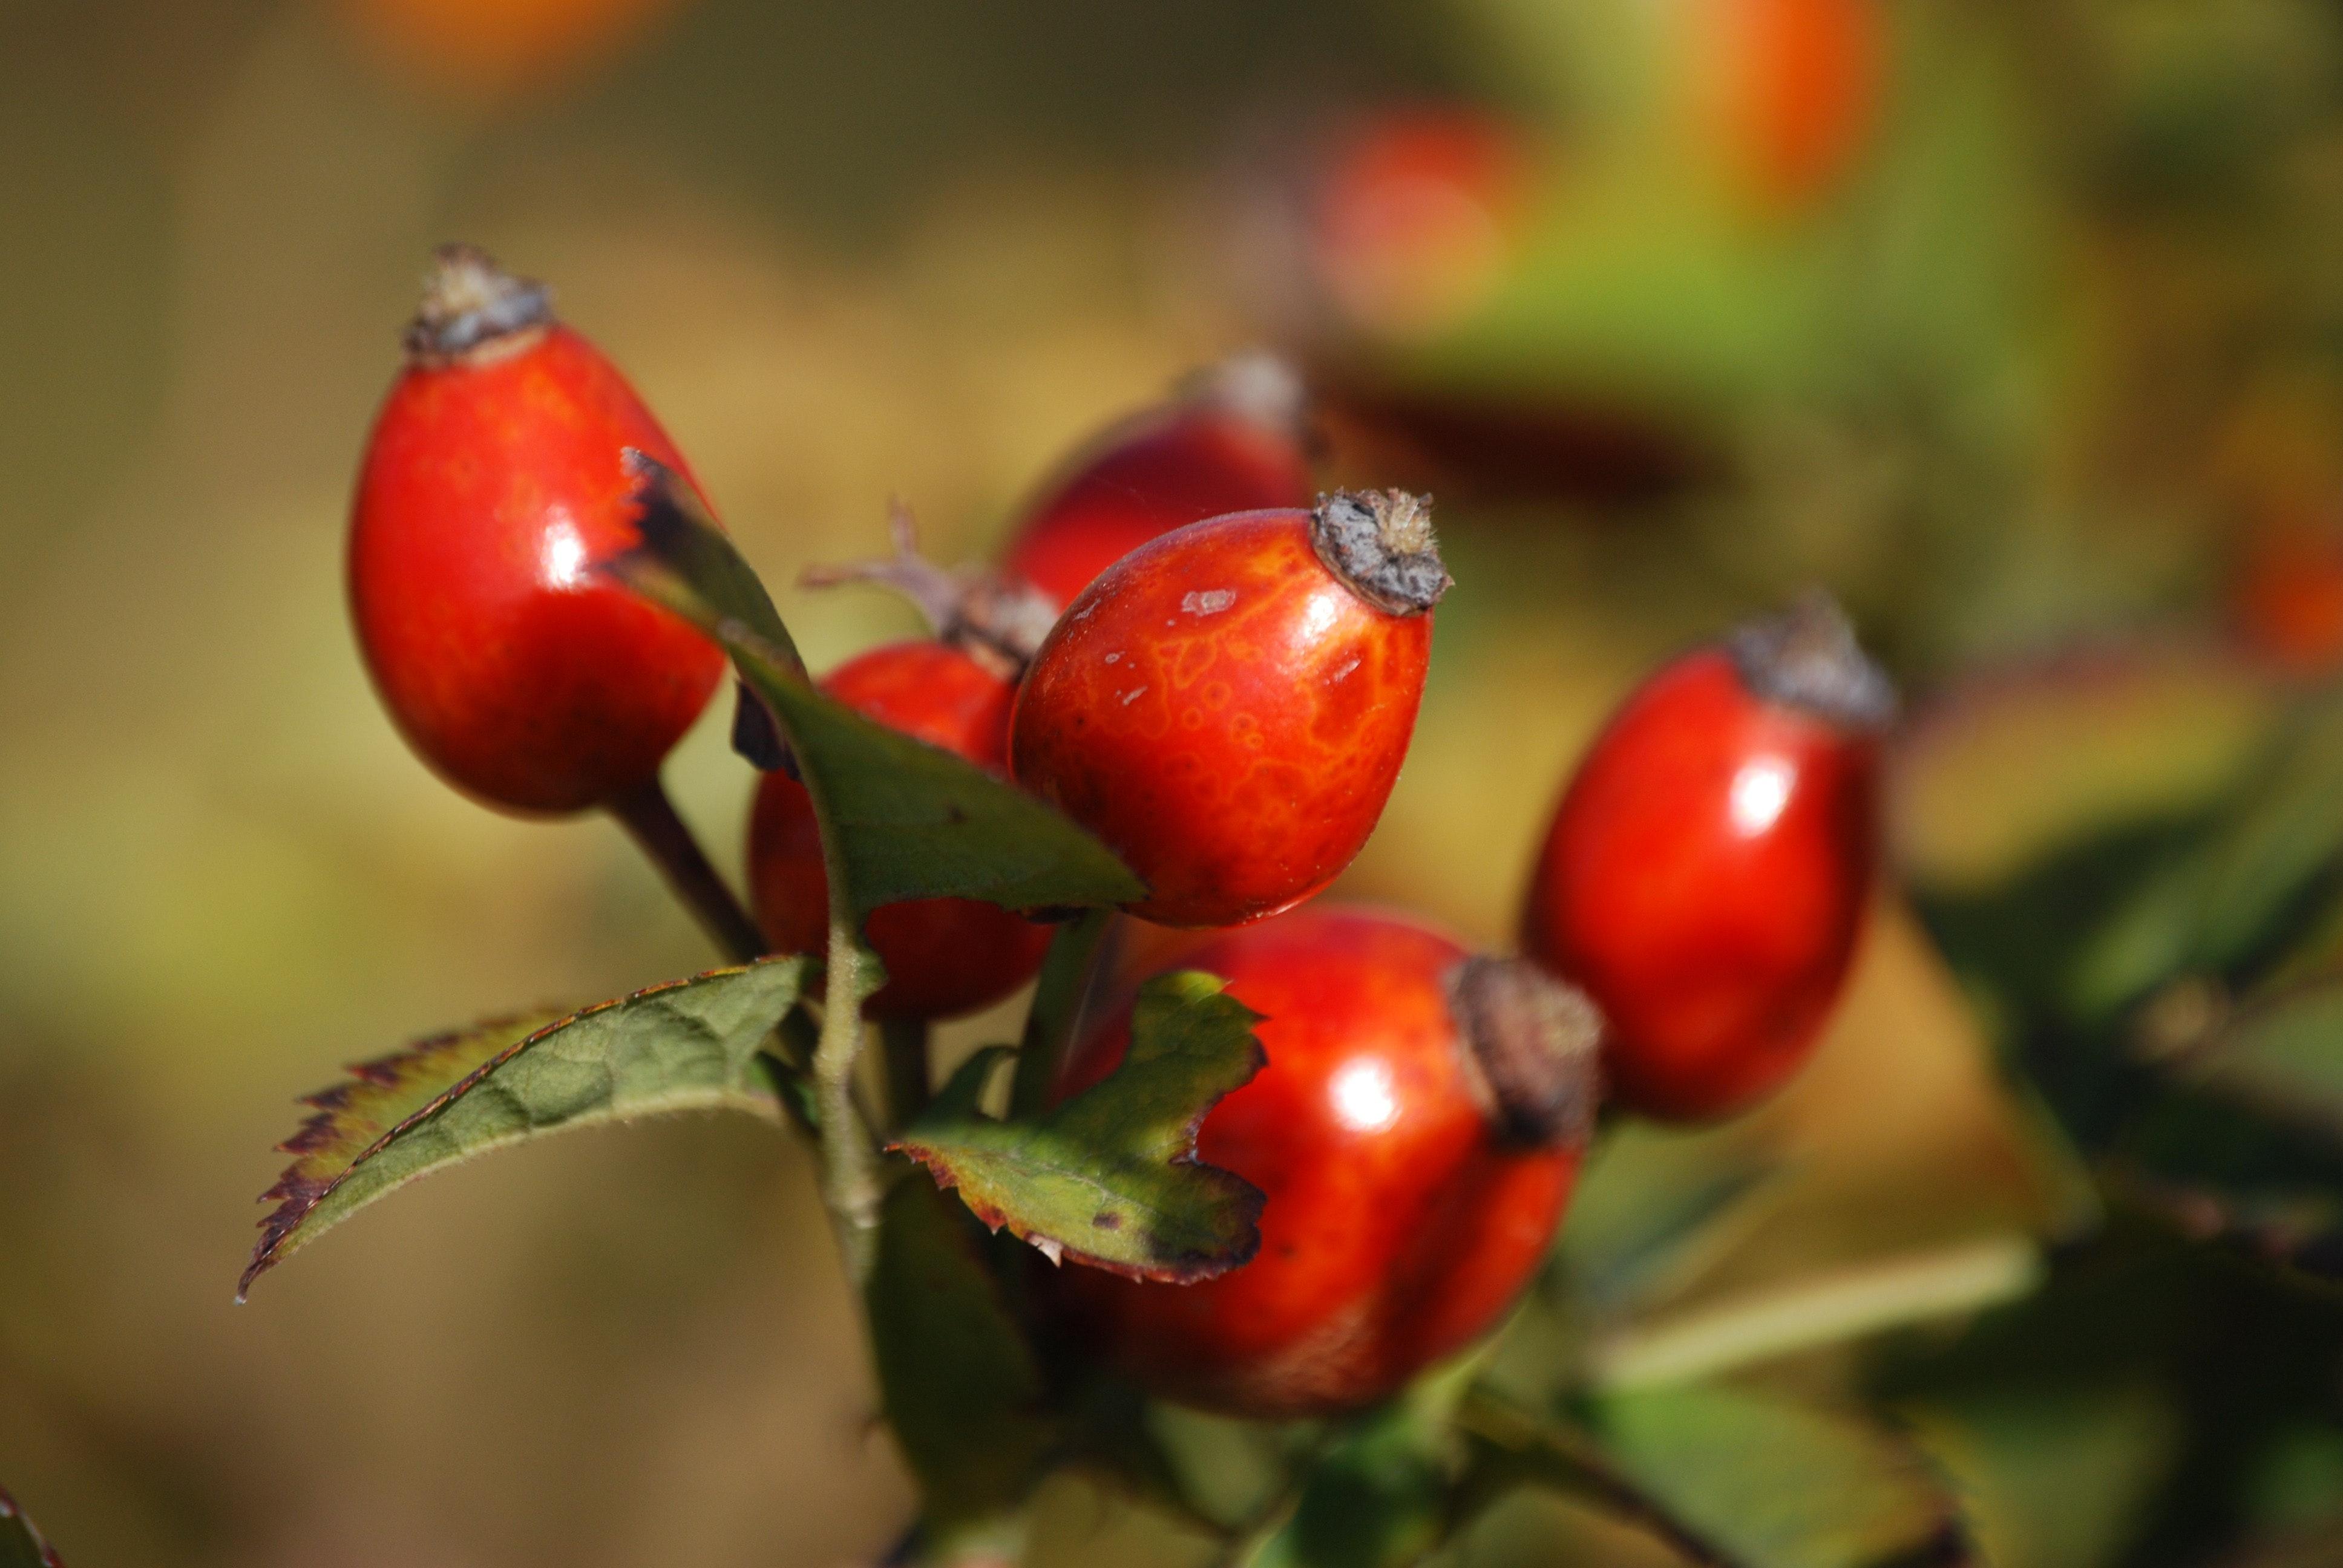 A csipkebogyó növeli vagy csökkenti a nyomást?